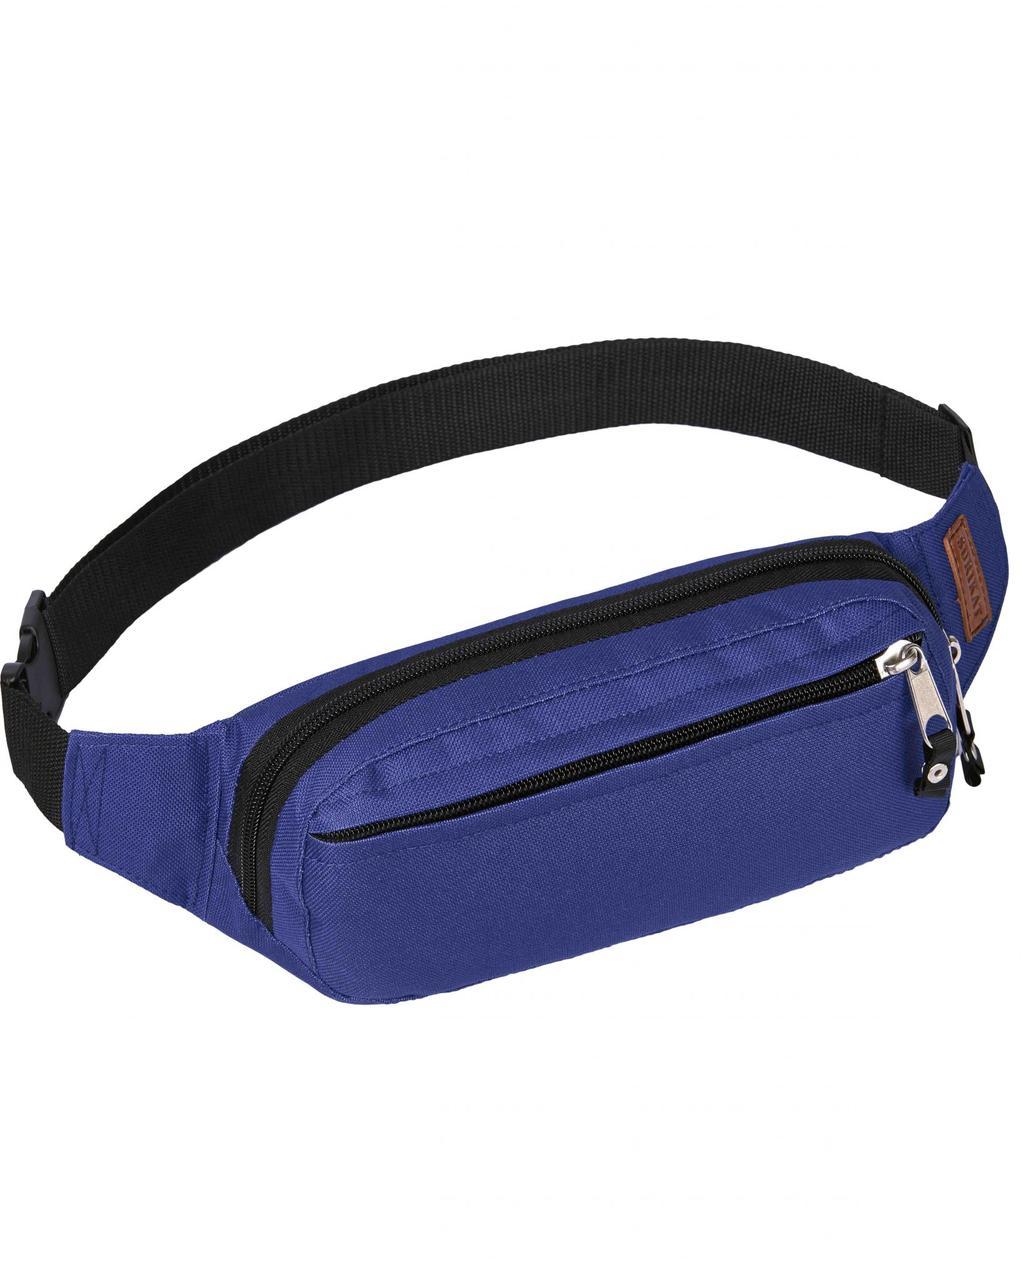 Сумка на пояс бананка Primo Surikat ярко-синяя (сумка на пояс, сумки,